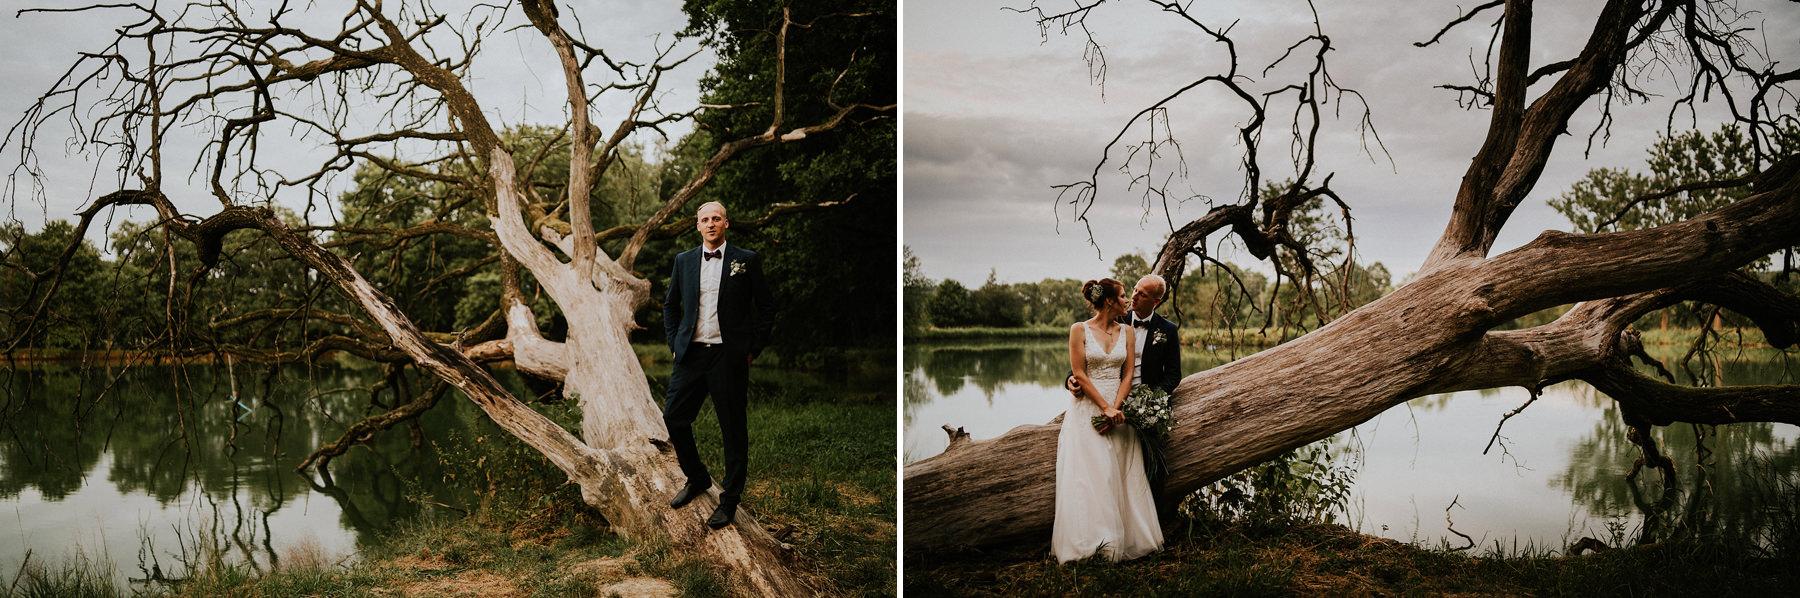 099 stodola ciezkowice wesele kasna dolna fotograf slubny krakow wedding photographer karol nycz